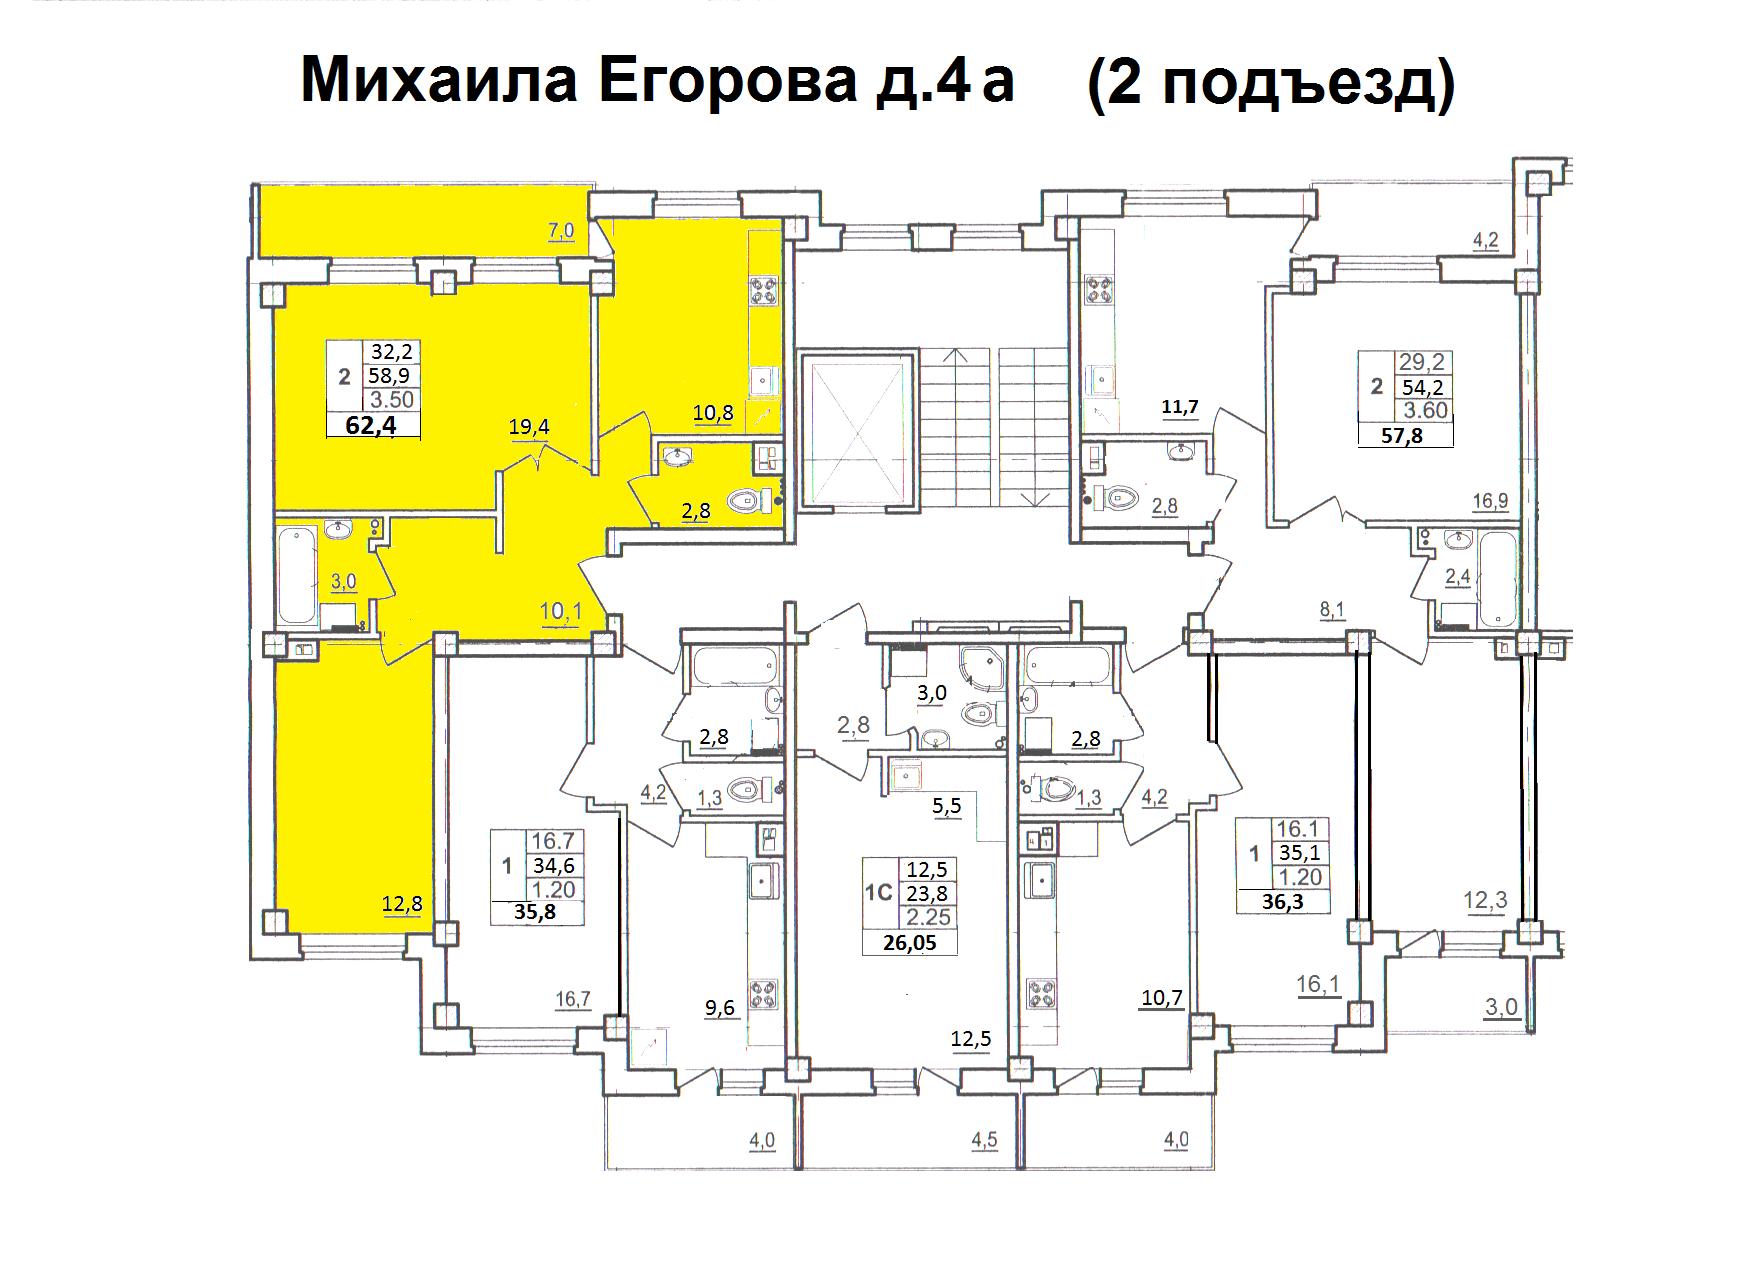 Двухкомнатная квартира -  ул.Михаила Егорова, д. 4а, кв. 85